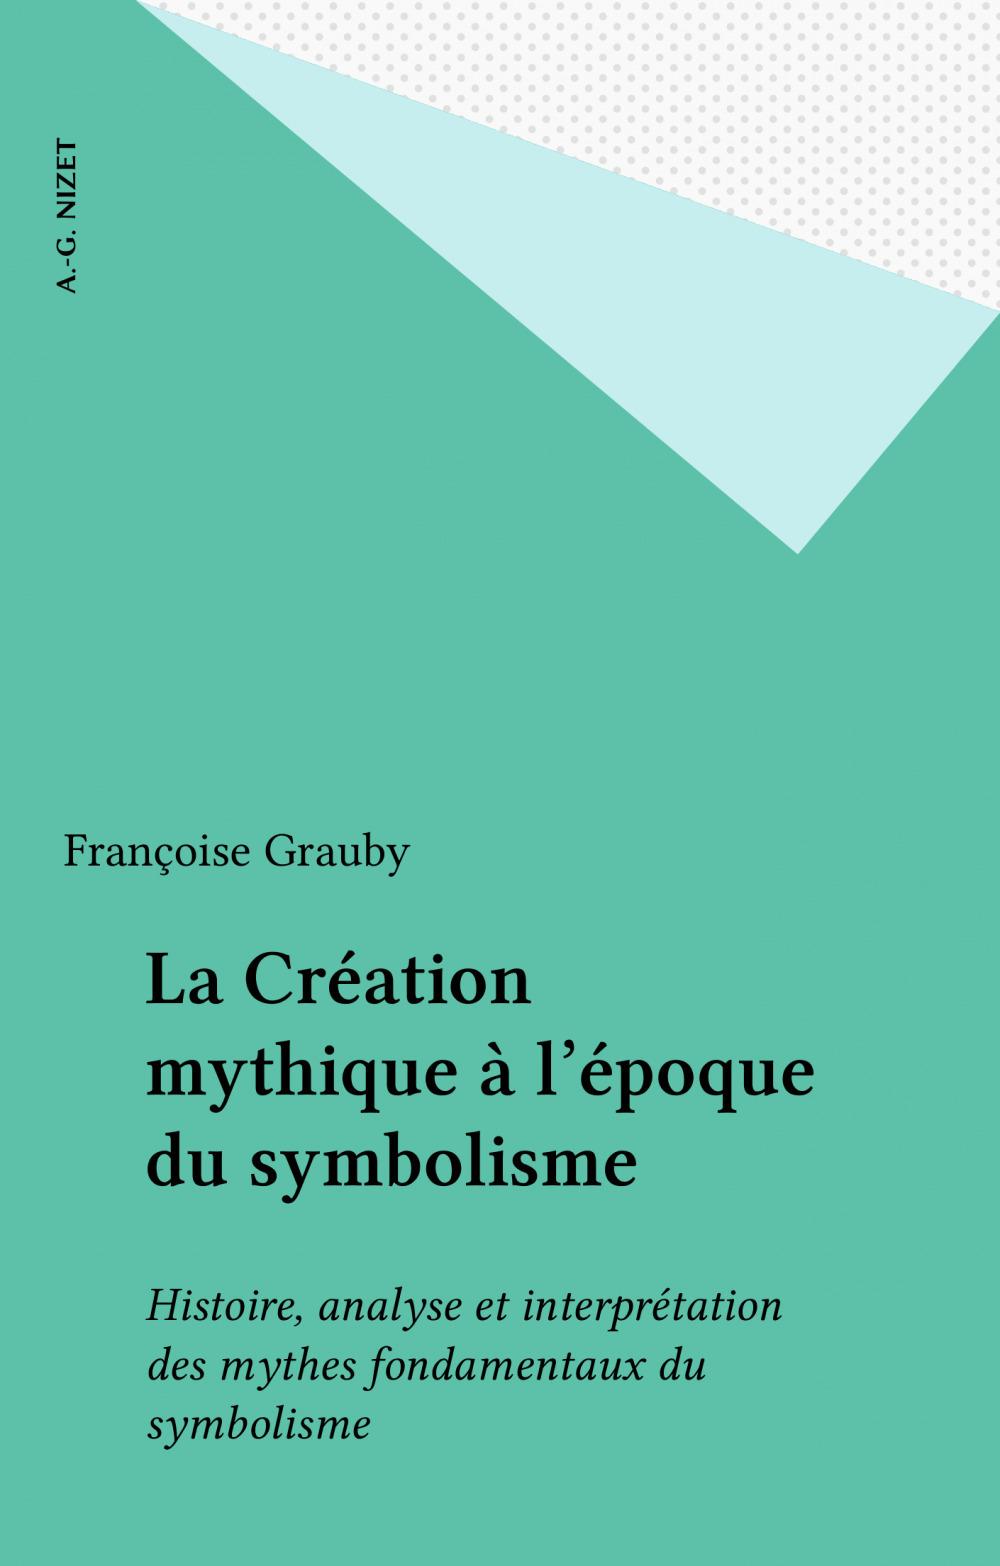 La creation mythique a l'epoque du symbolisme - histoire, analyse et interpretation des mythes fonda